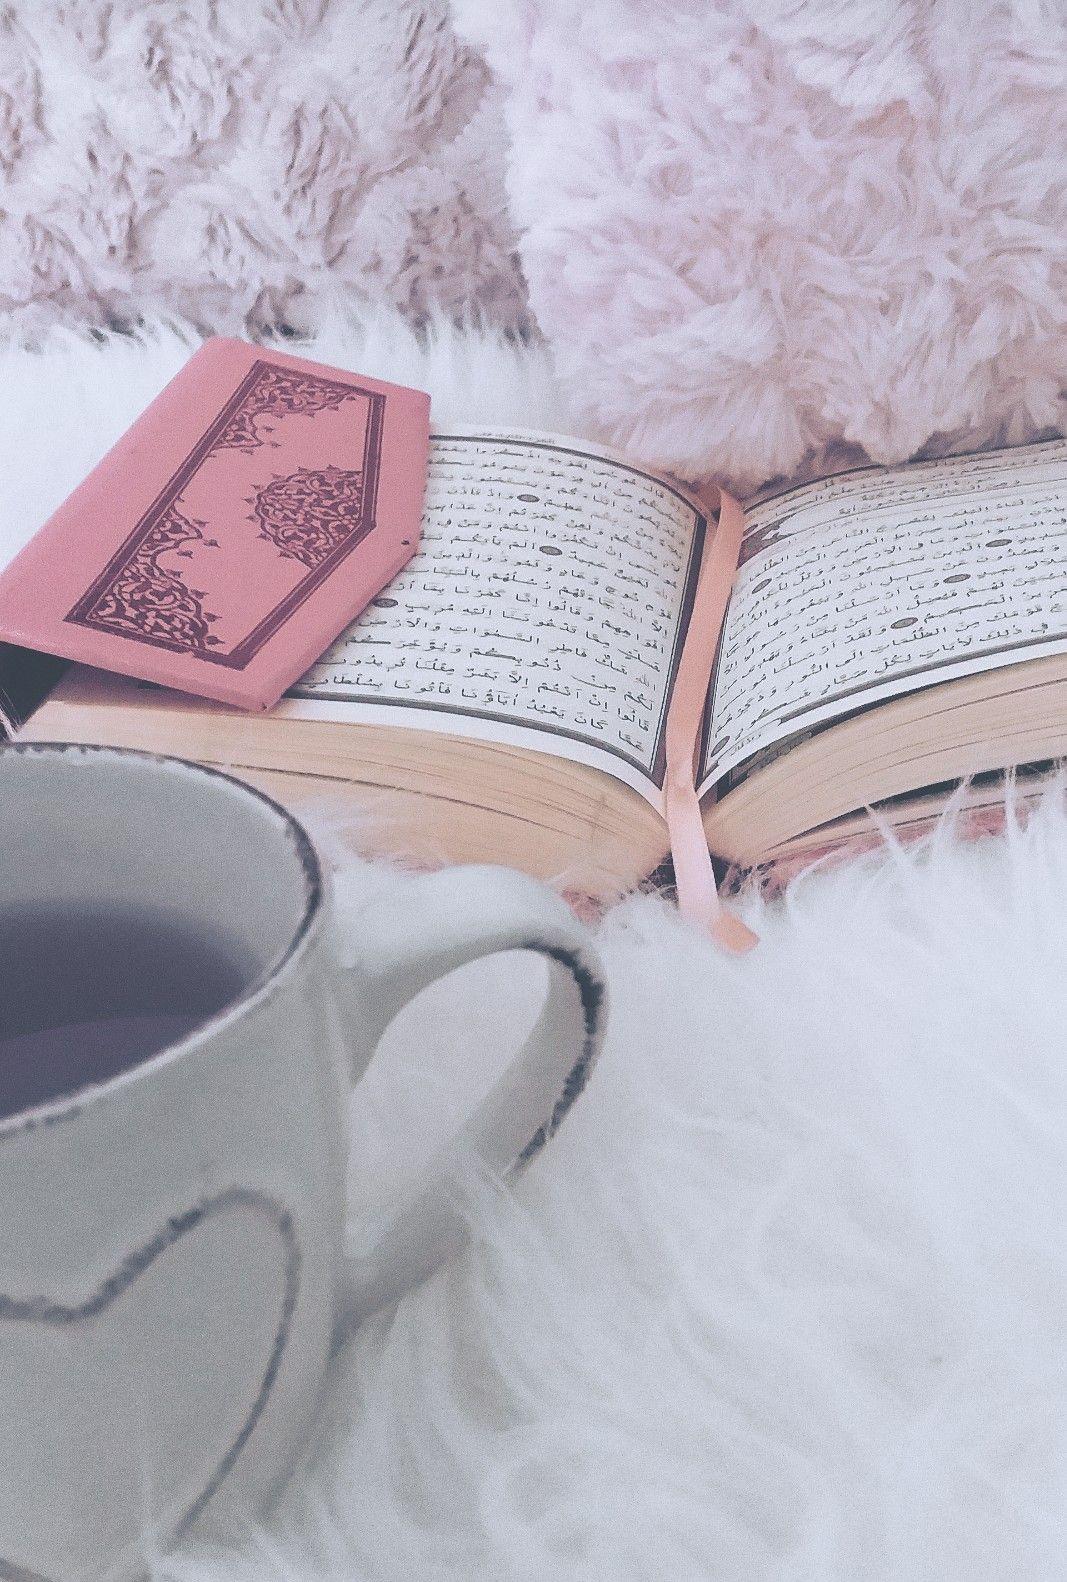 Islam Quran Cozy Pink Islamlifestyle Fotografi Pemula Fotografi Urban Agama